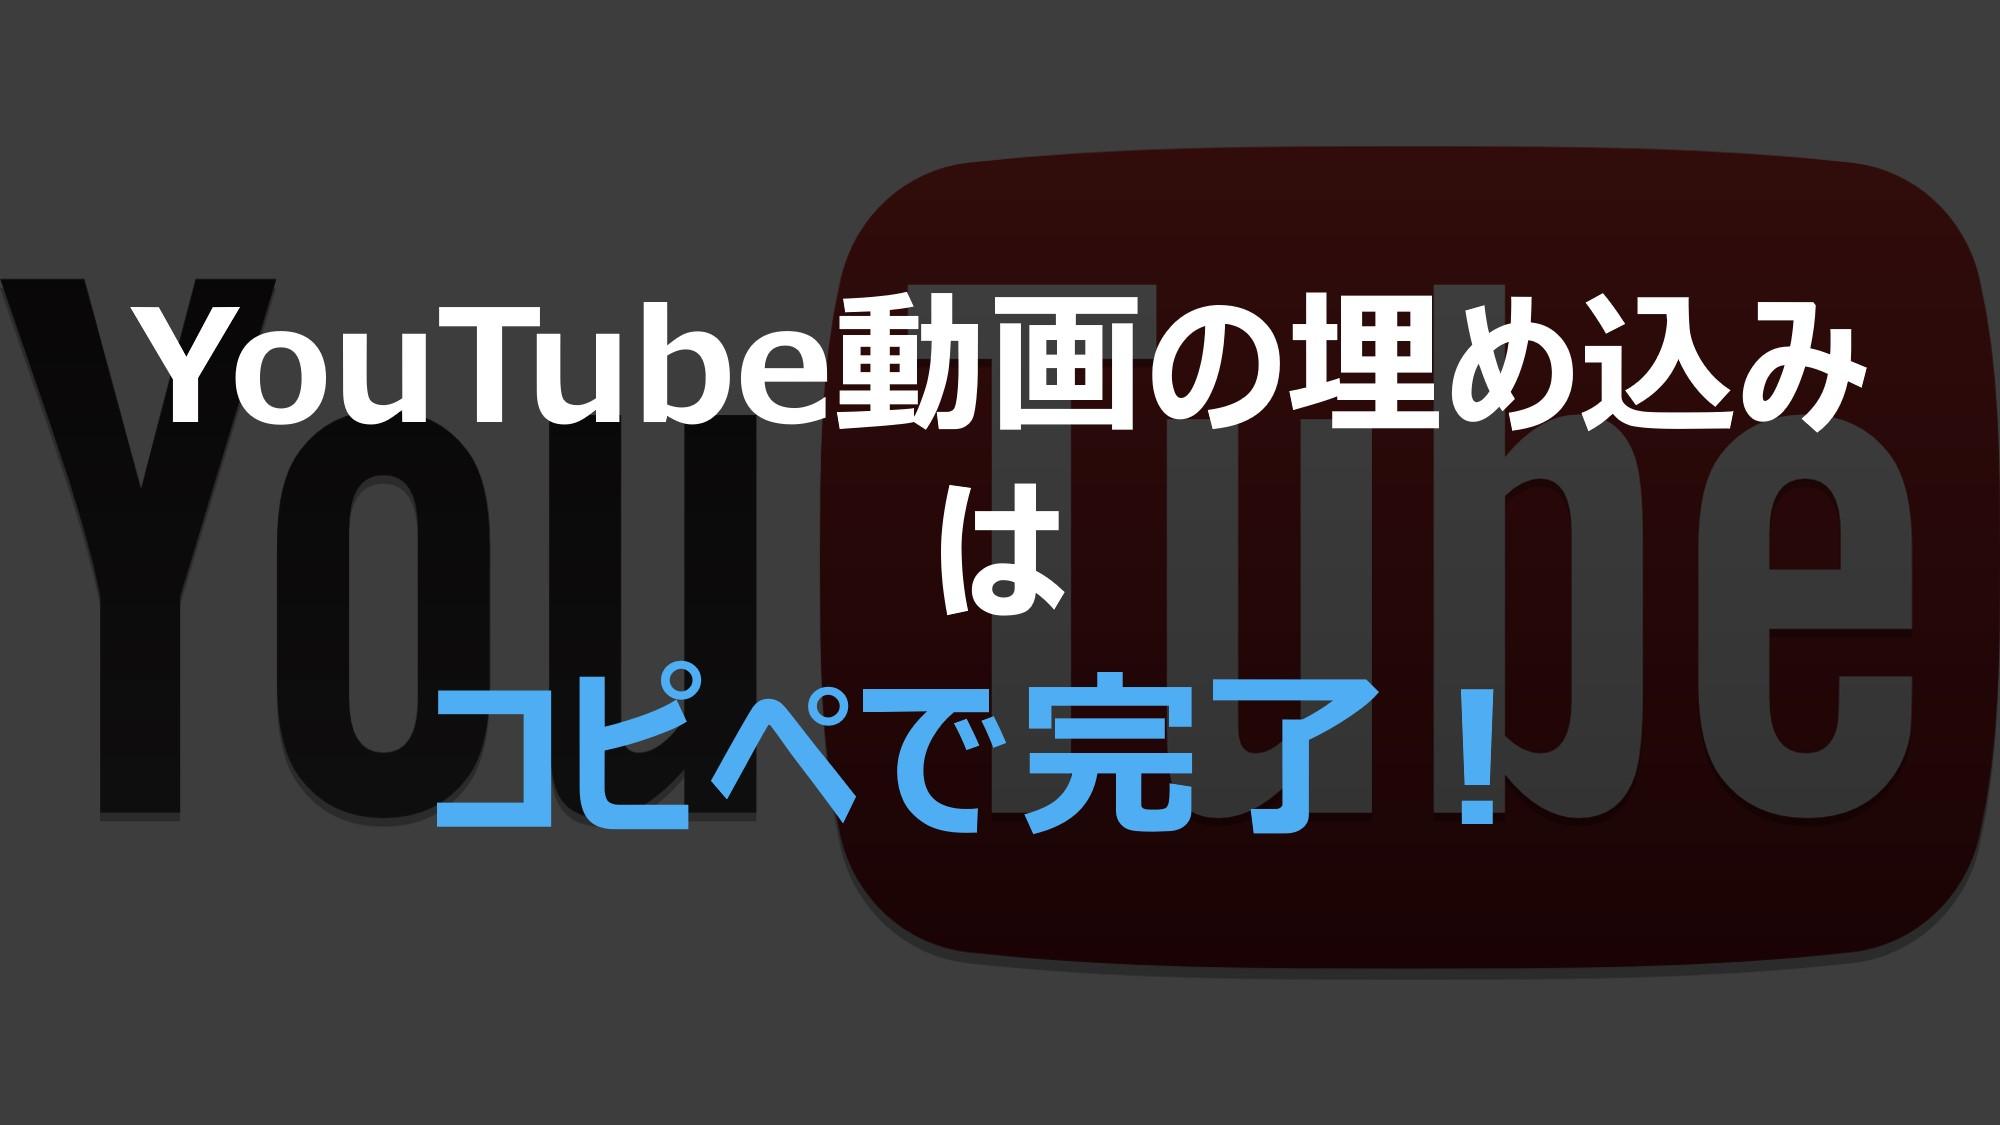 ワードプレス記事内にYoutube動画を簡単に埋め込む方法